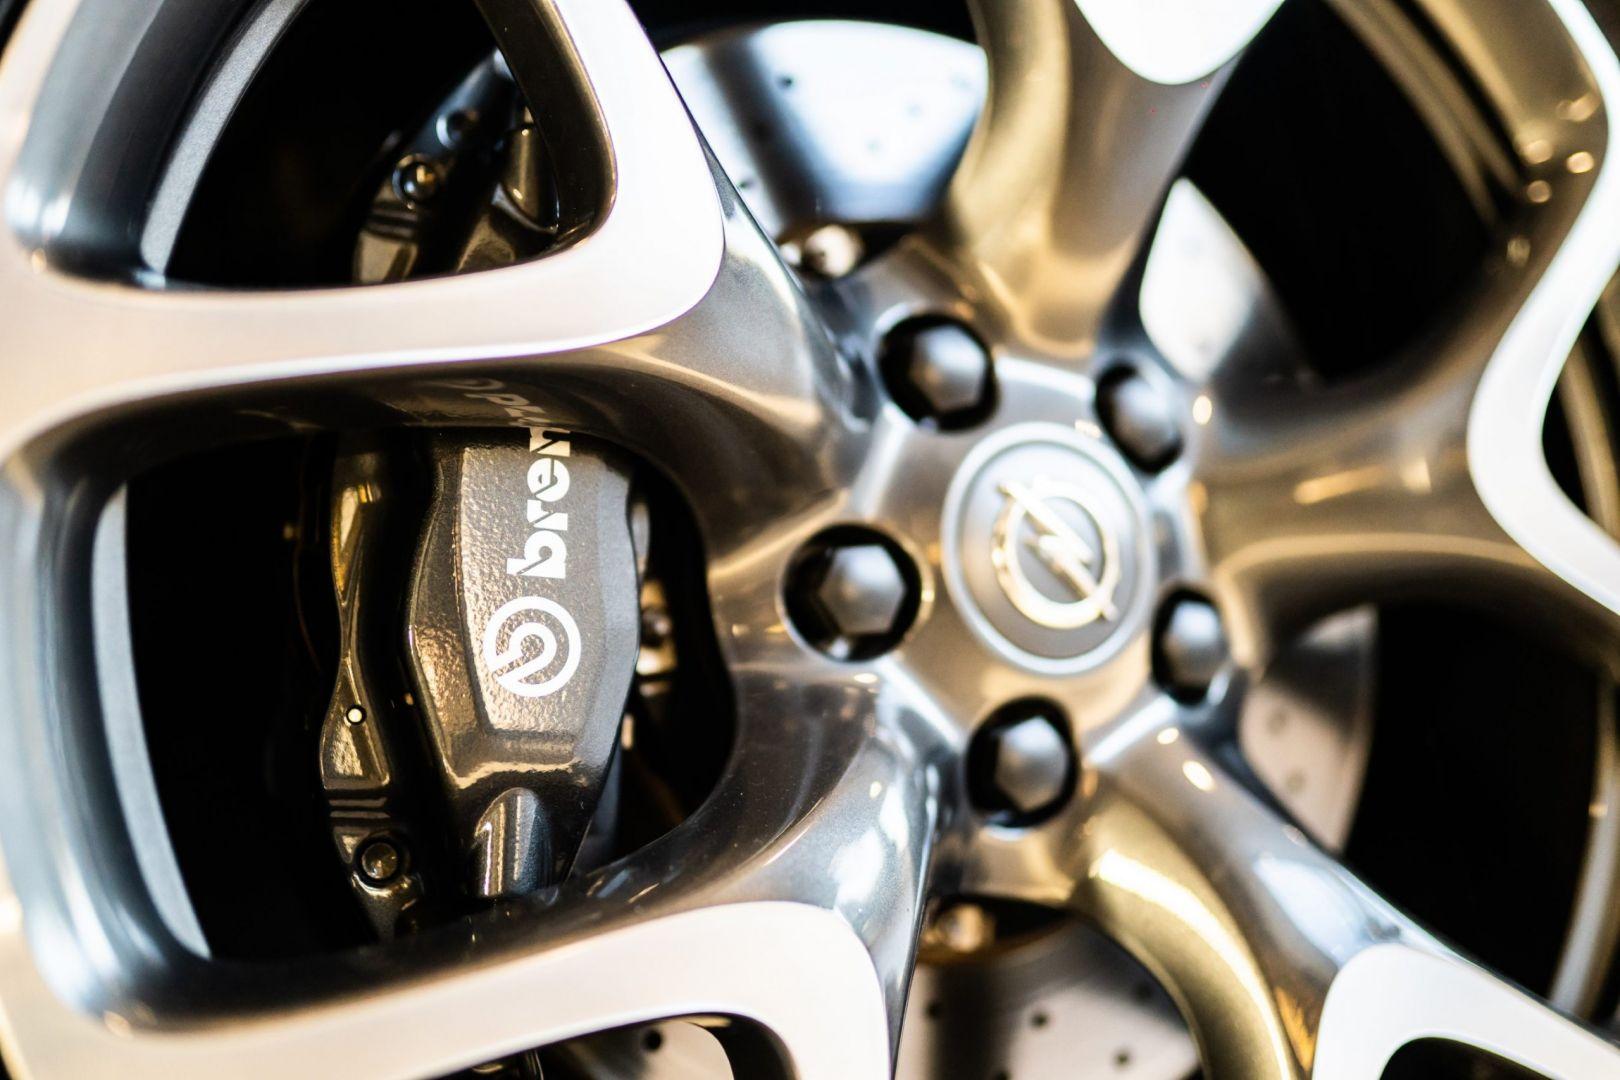 avtohisa-zalar-nova-rabljena-vozila-servis-prodaja-vzdrzevanje-zavarovanje-svetovanje (6)